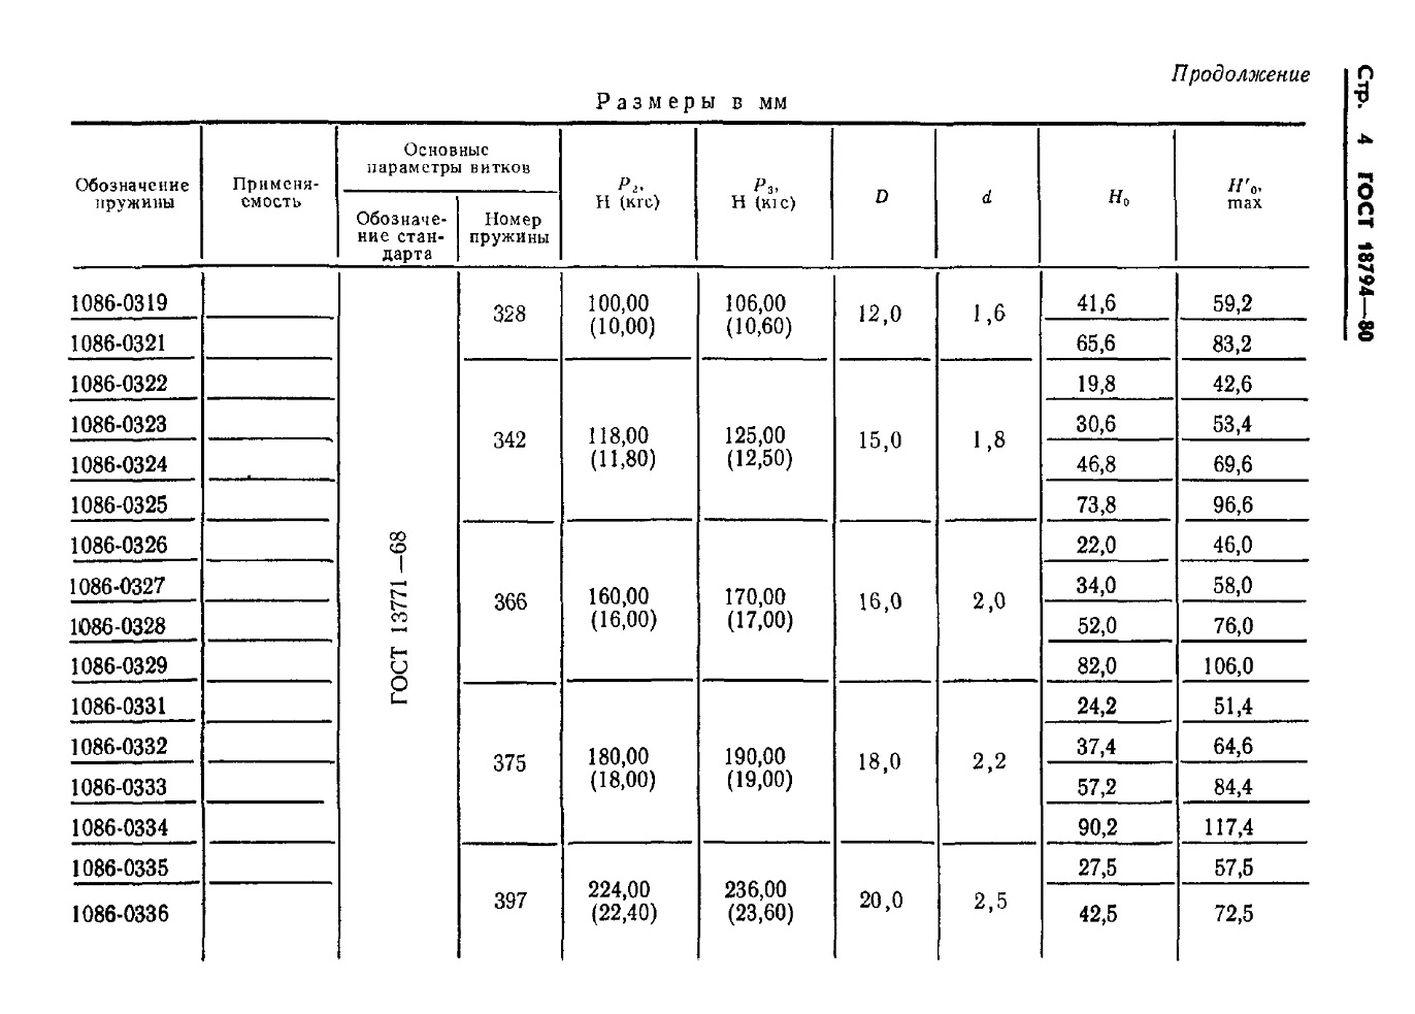 Пружины растяжения ГОСТ 18794-80 стр.4